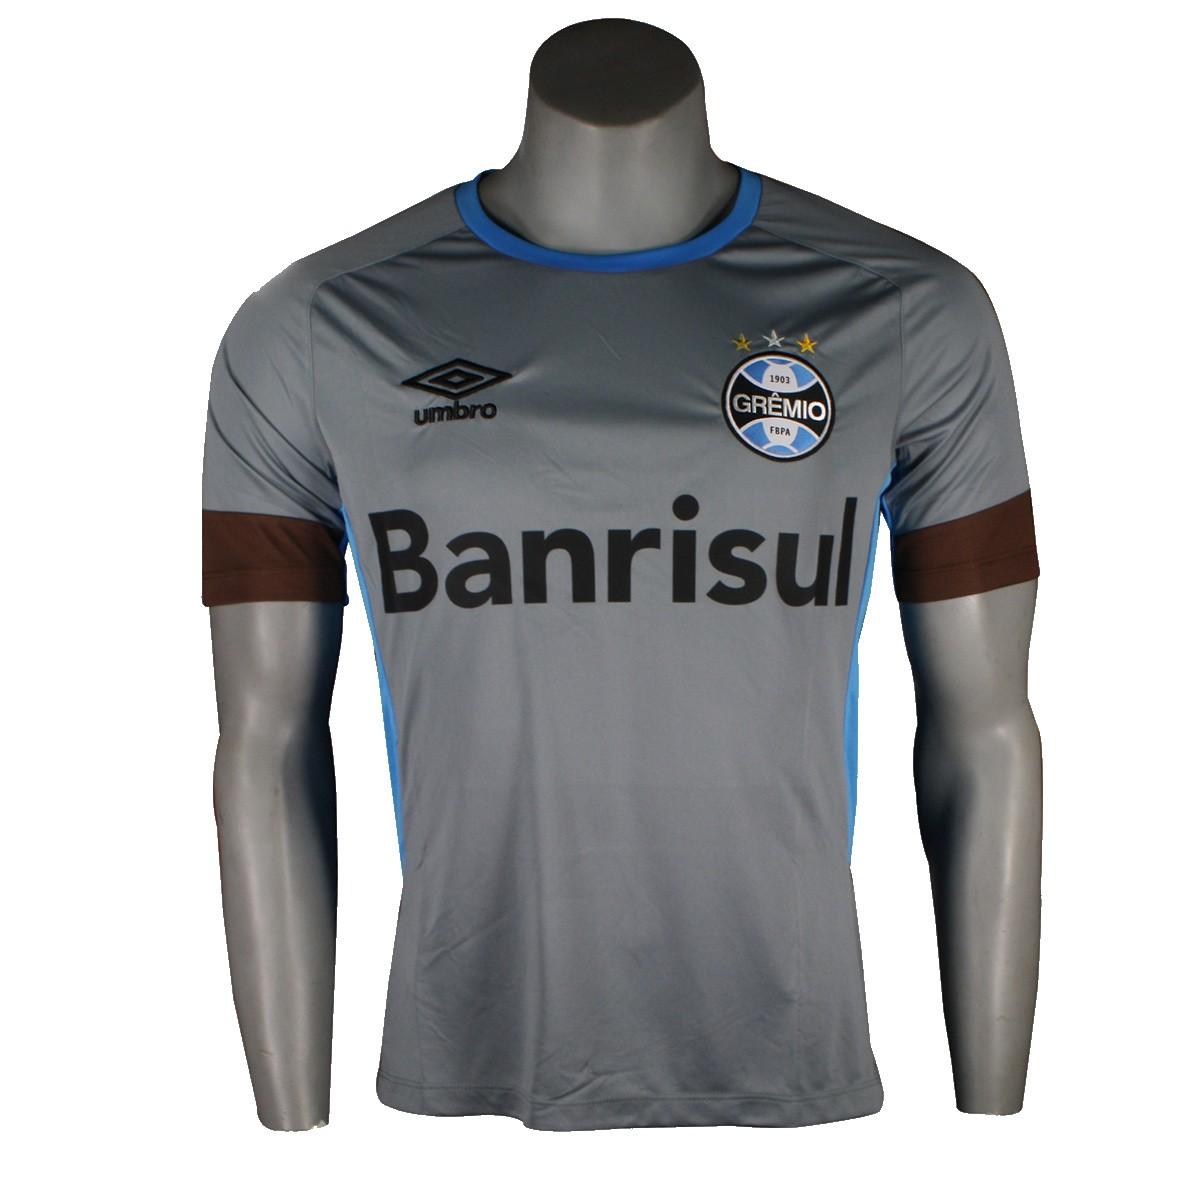 3c9fc42bbc00c Amplie a imagem. Camiseta Umbro Grêmio Treino 2016 Masculina Sem Número   Camiseta ...